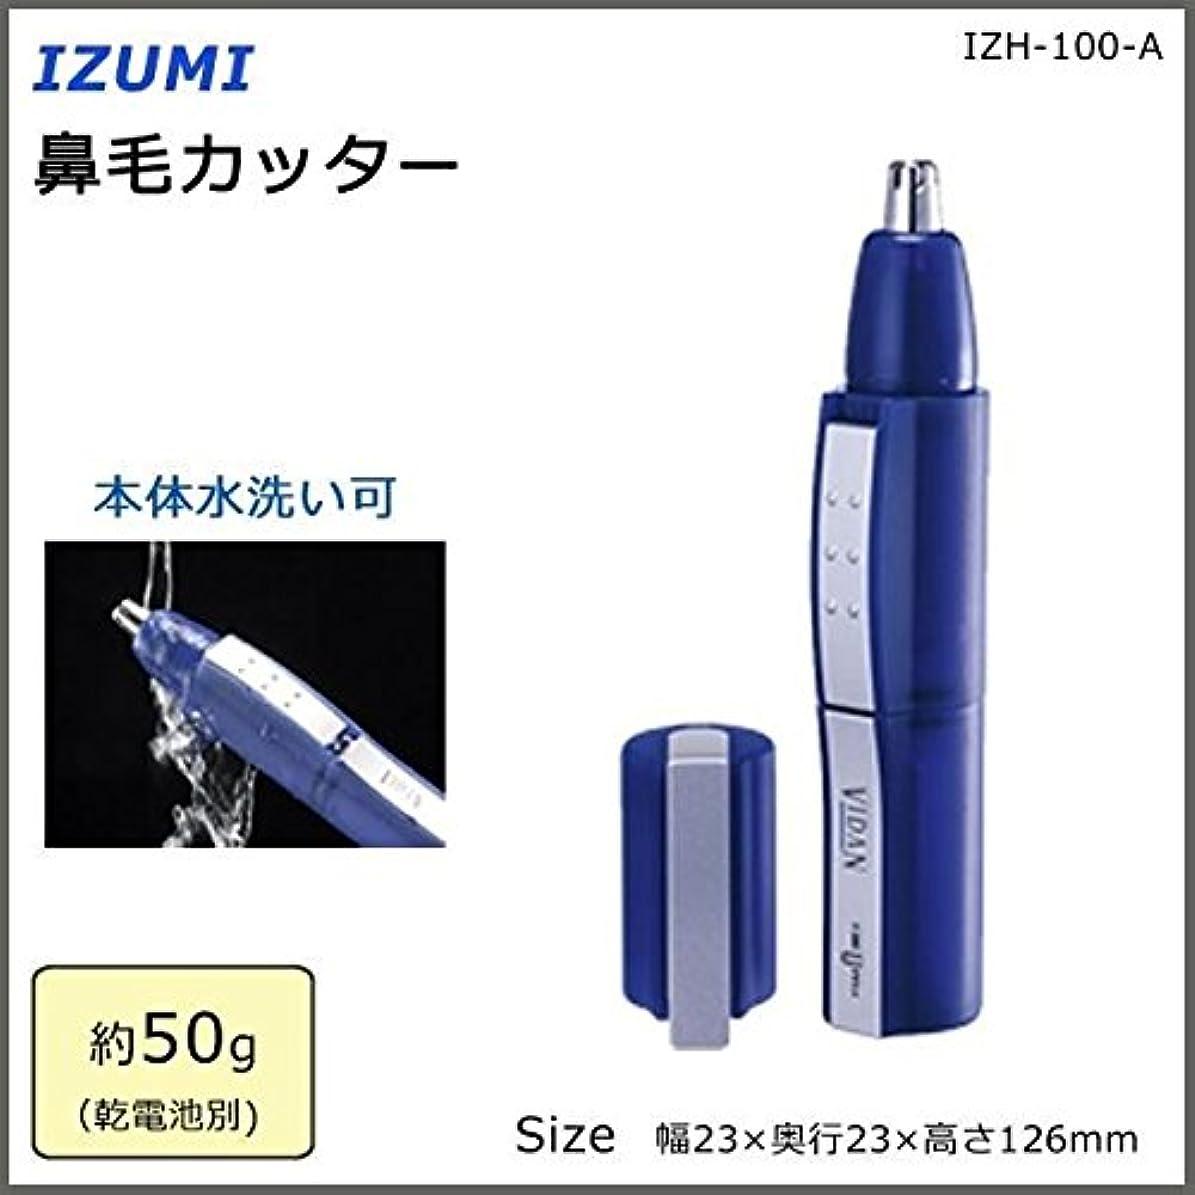 高めるサッカー王族IZUMI 鼻毛カッター IZH-100-A